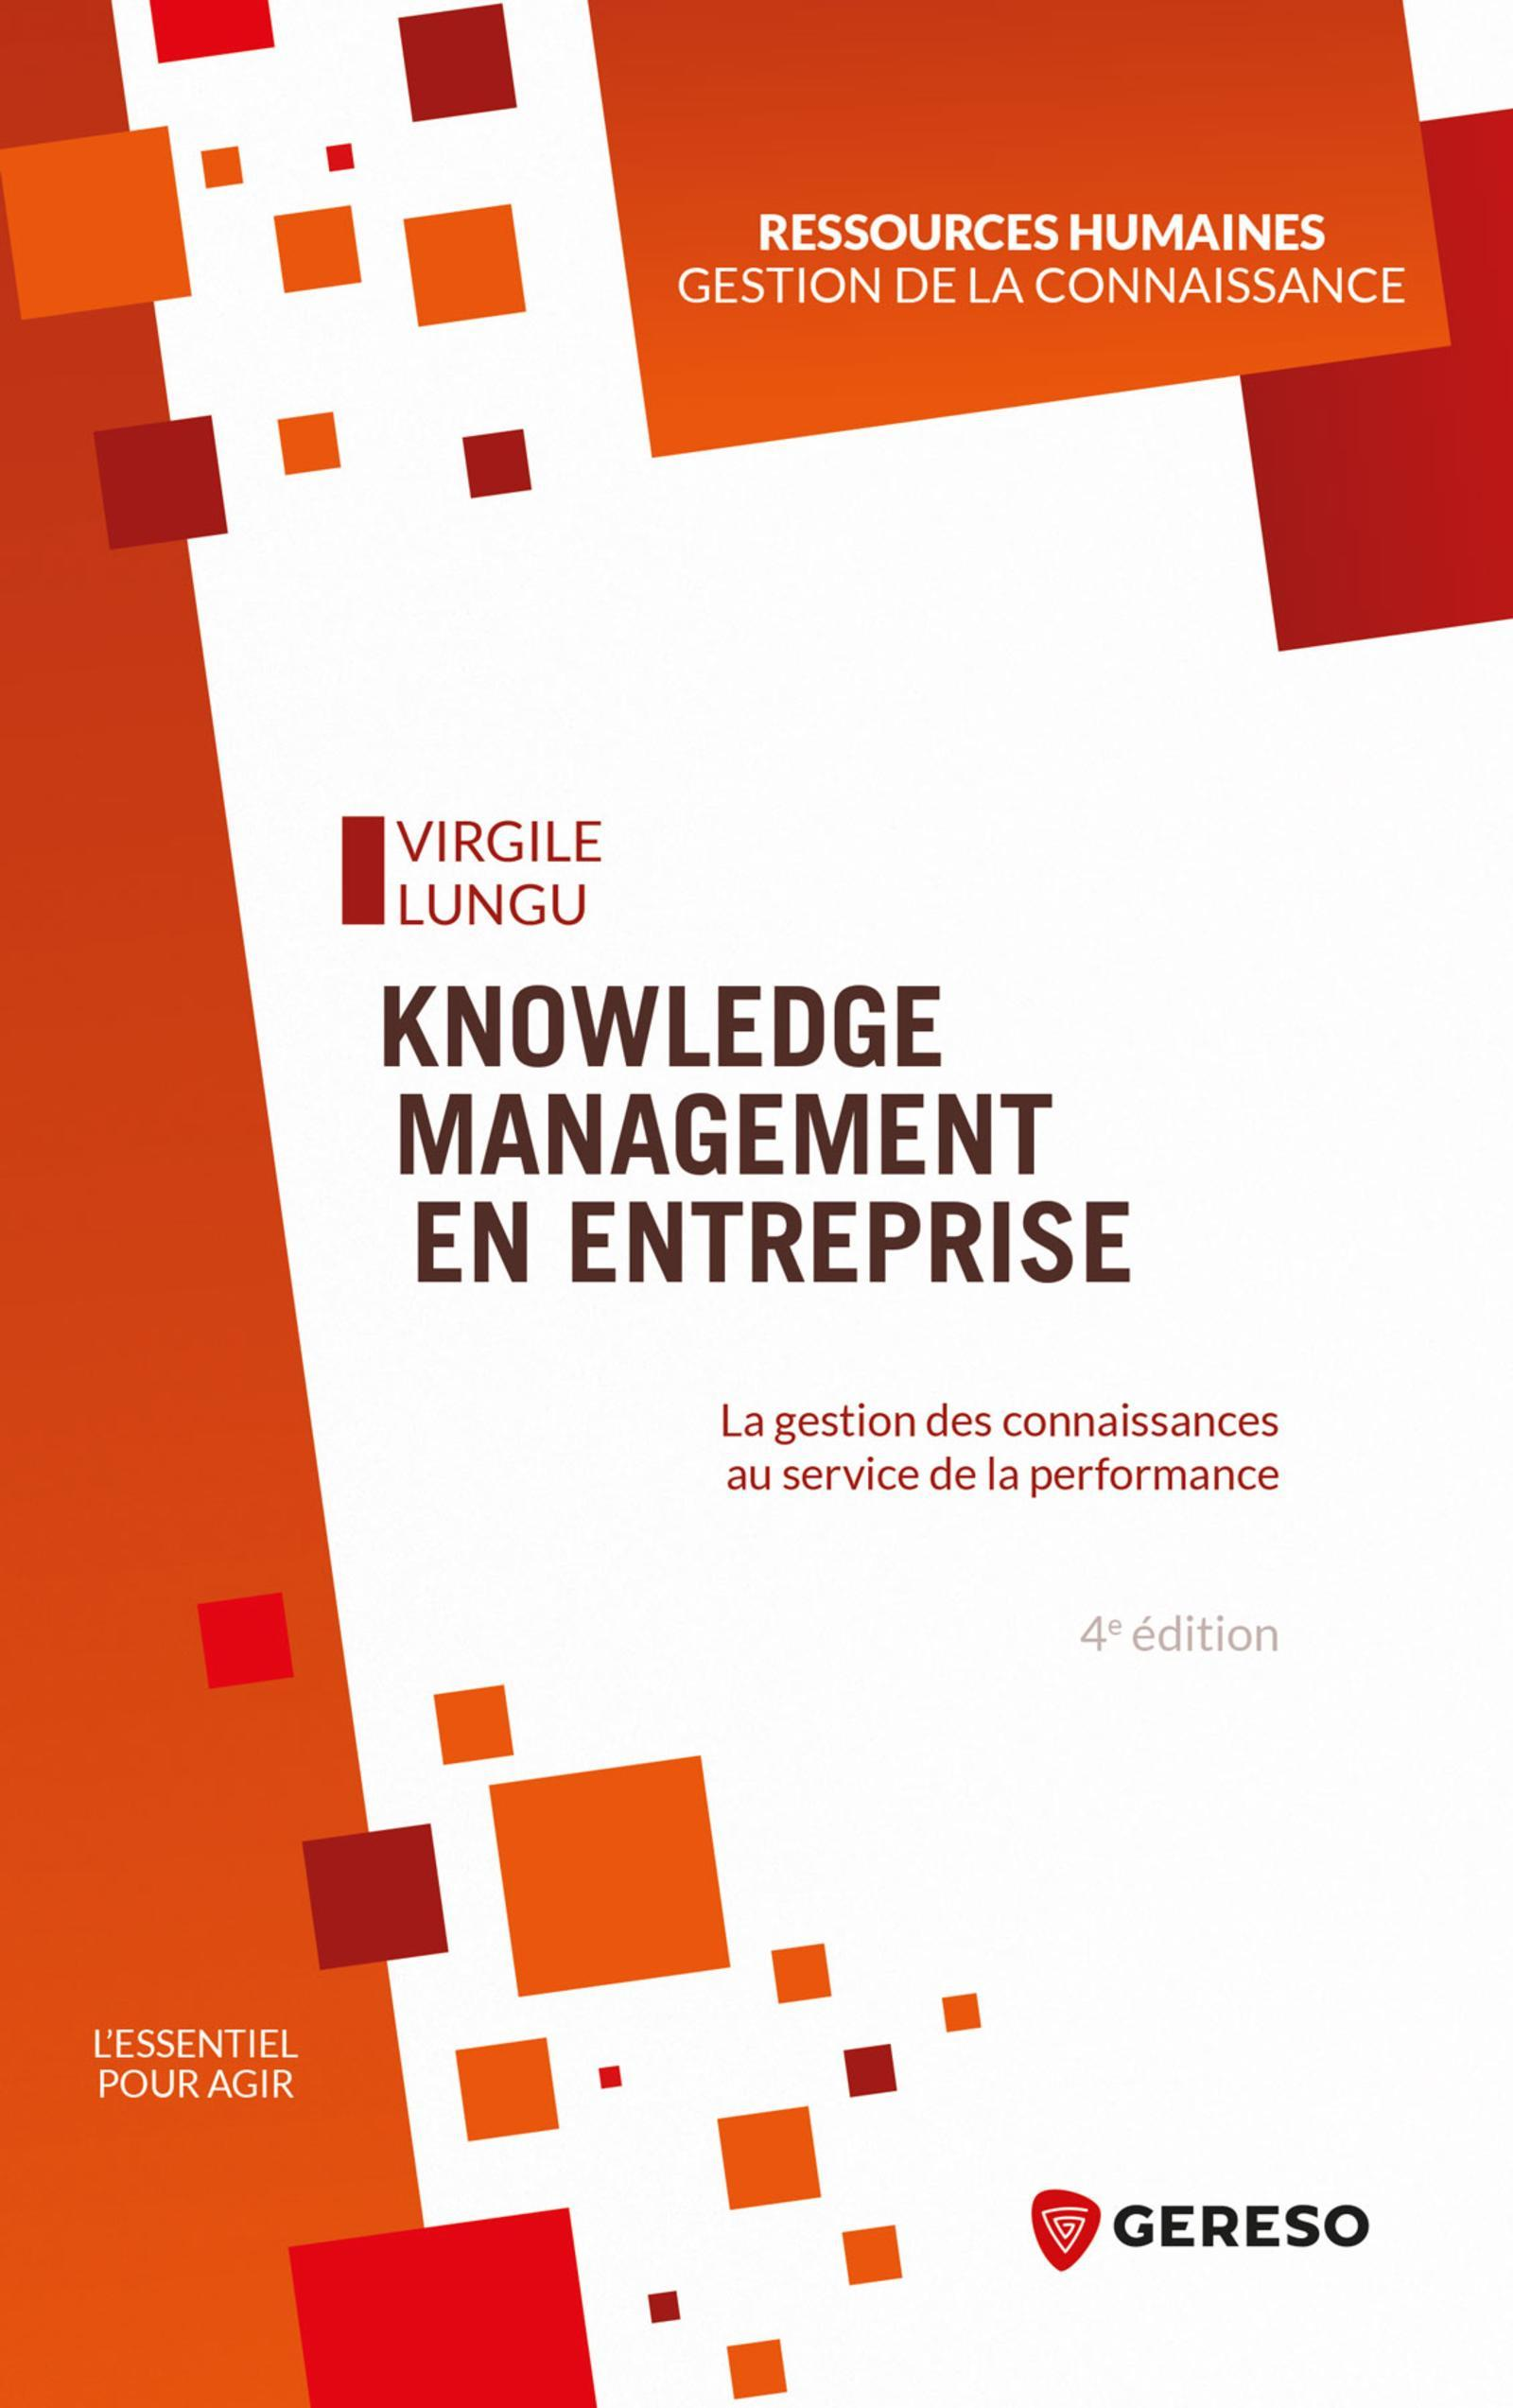 KNOWLEDGE MANAGEMENT EN ENTREPRISE - LA GESTION DES CONNAISSANCES AU SERVICE DE LA PERFORMANCE